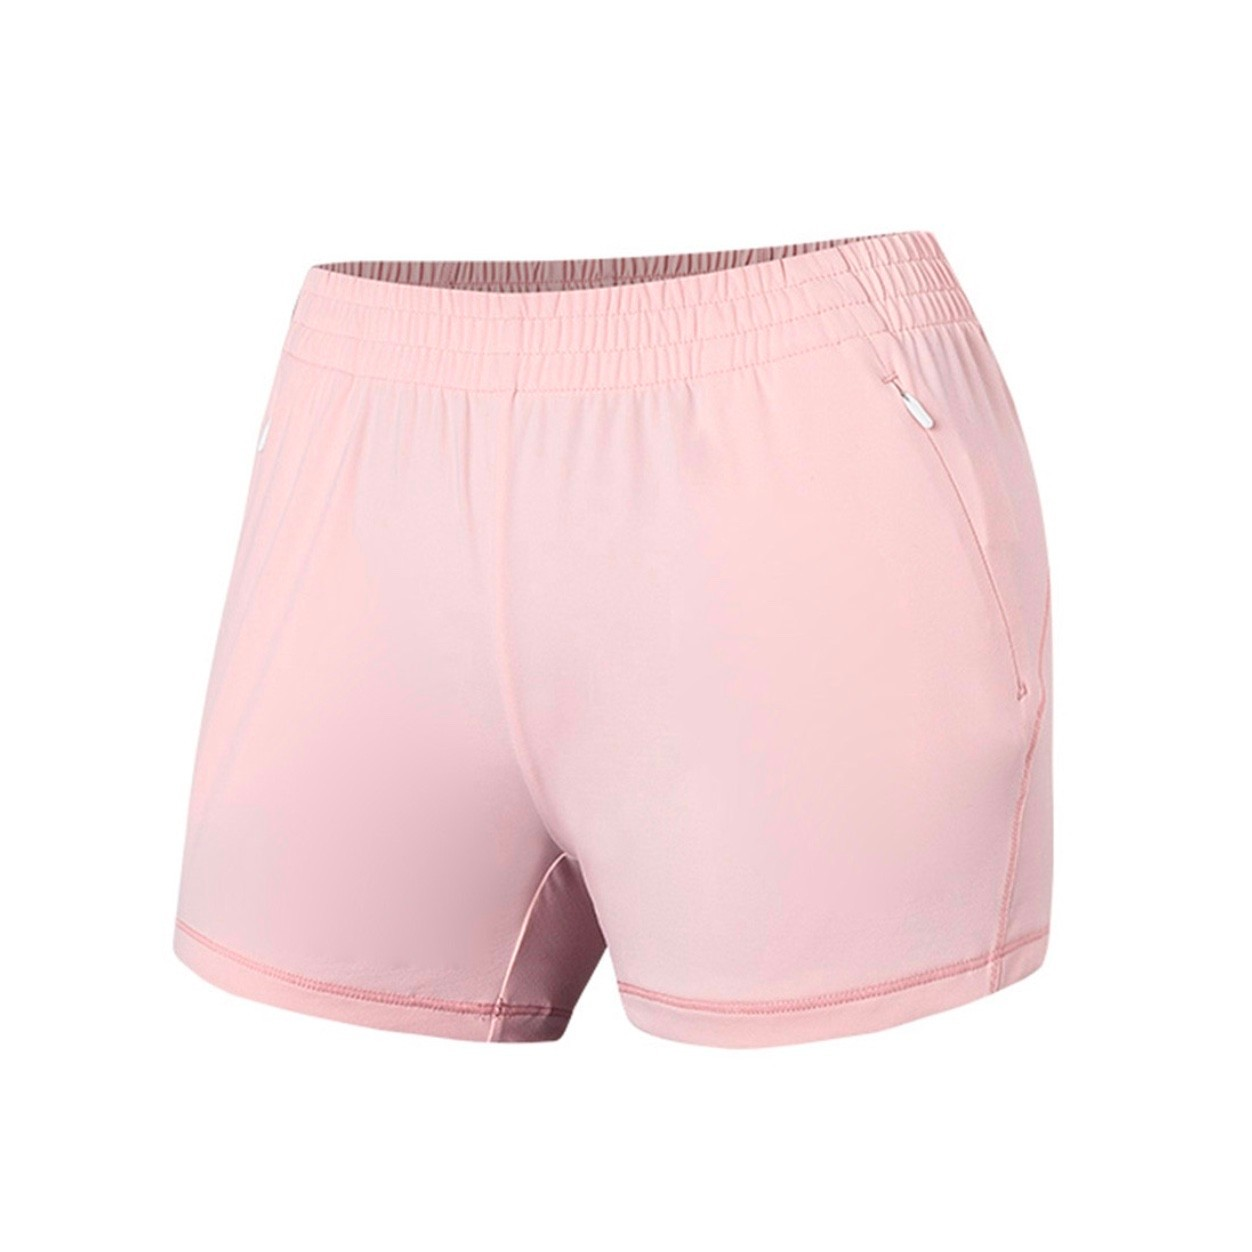 ANTA 安踏 A+ A6821781 女款运动短裤